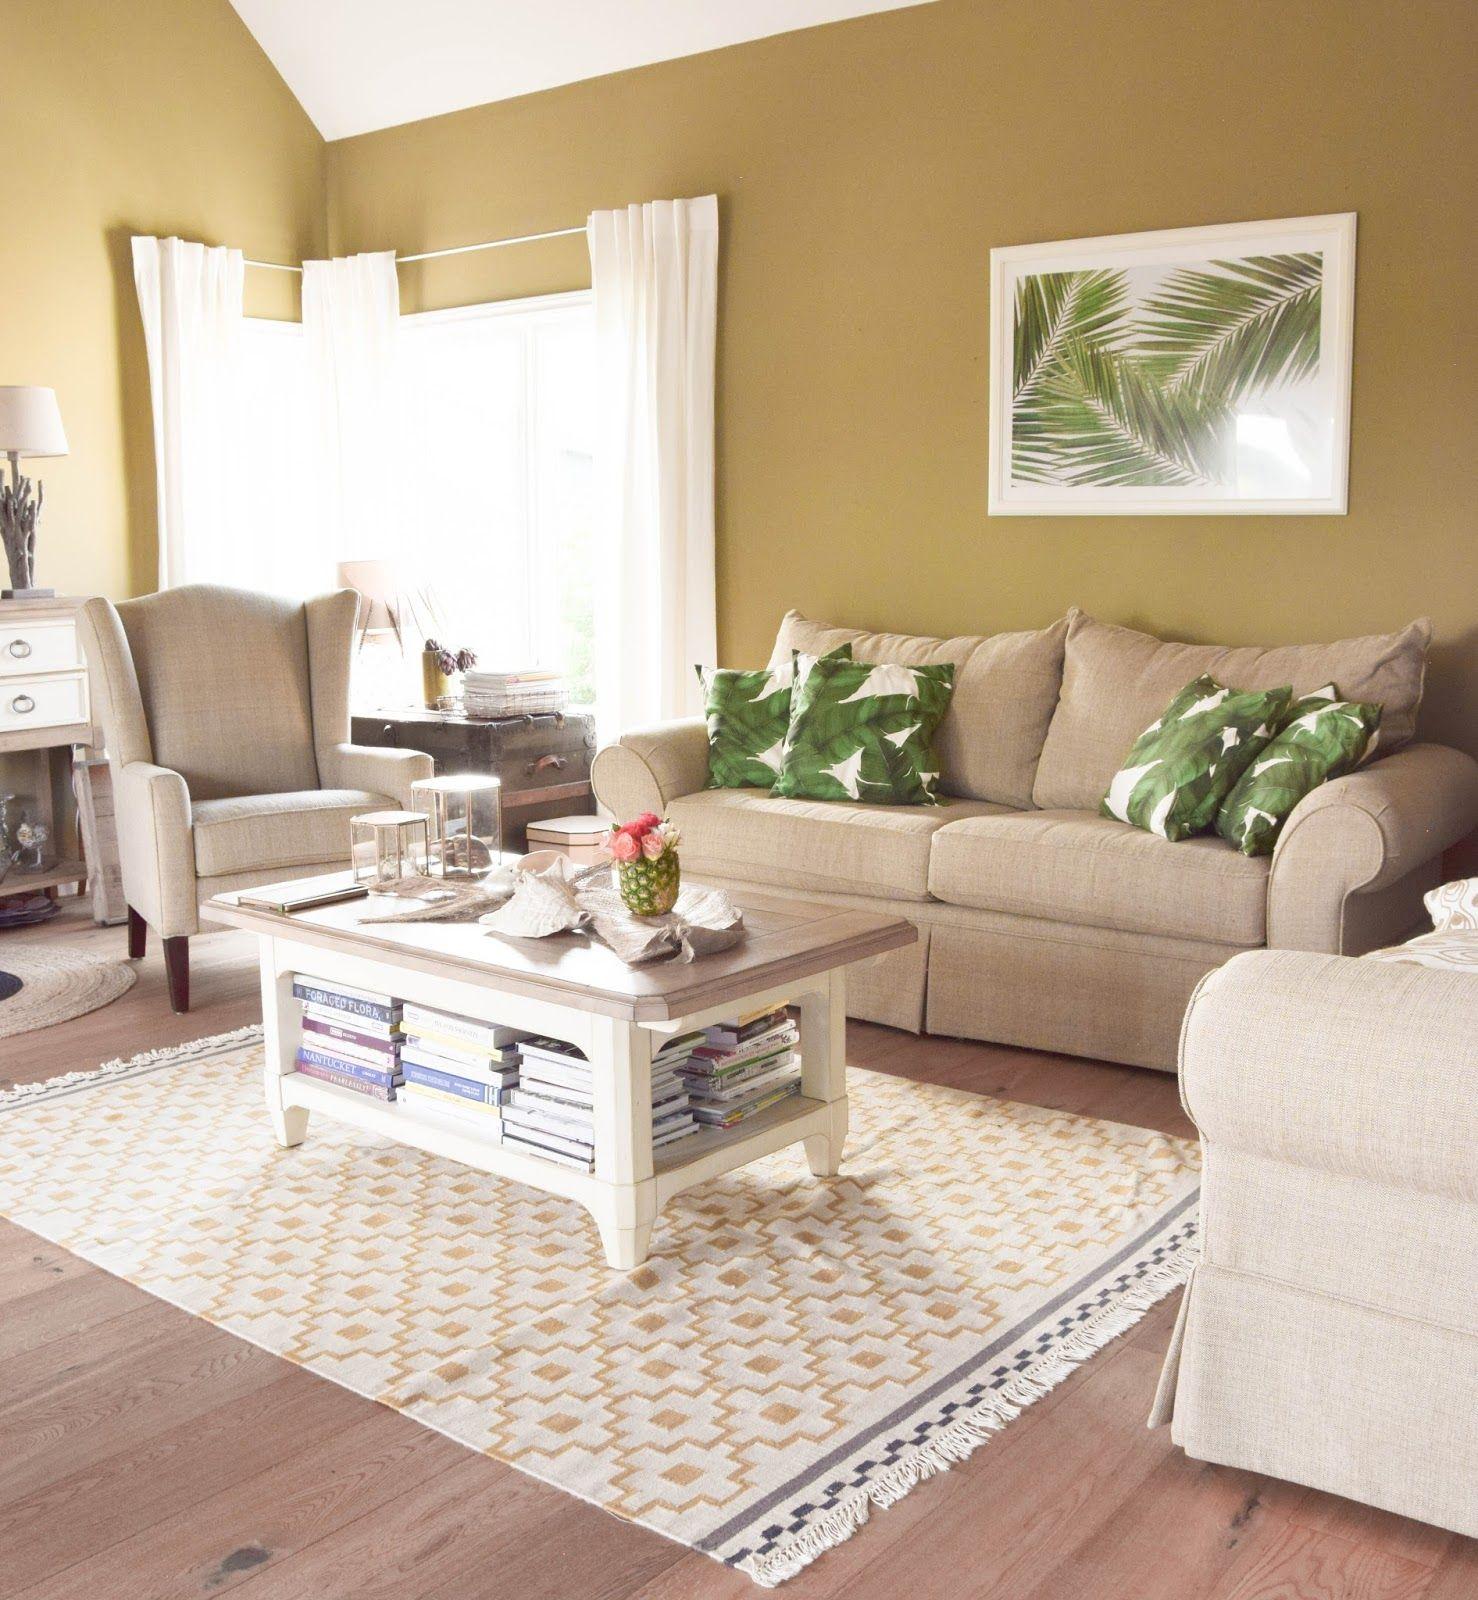 sommer deko fürs wohnzimmer: dekoideen, tipps und mehr: dekoration, Wohnzimmer